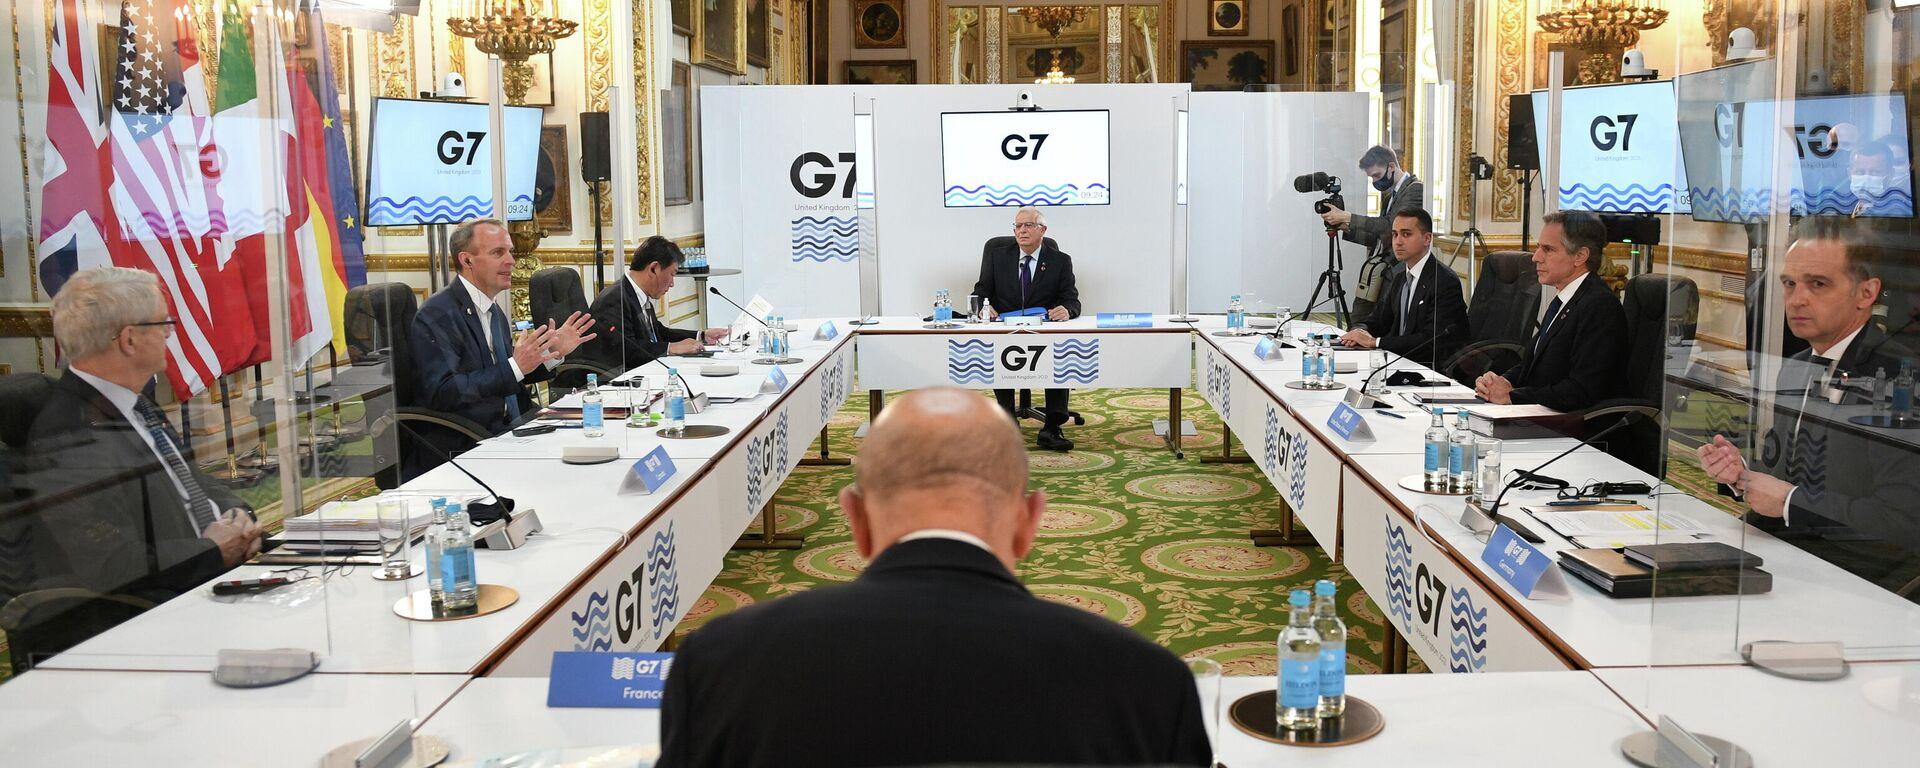 Treffen der G7-Außenminister in London, 4. Mai 2021 - SNA, 1920, 05.05.2021